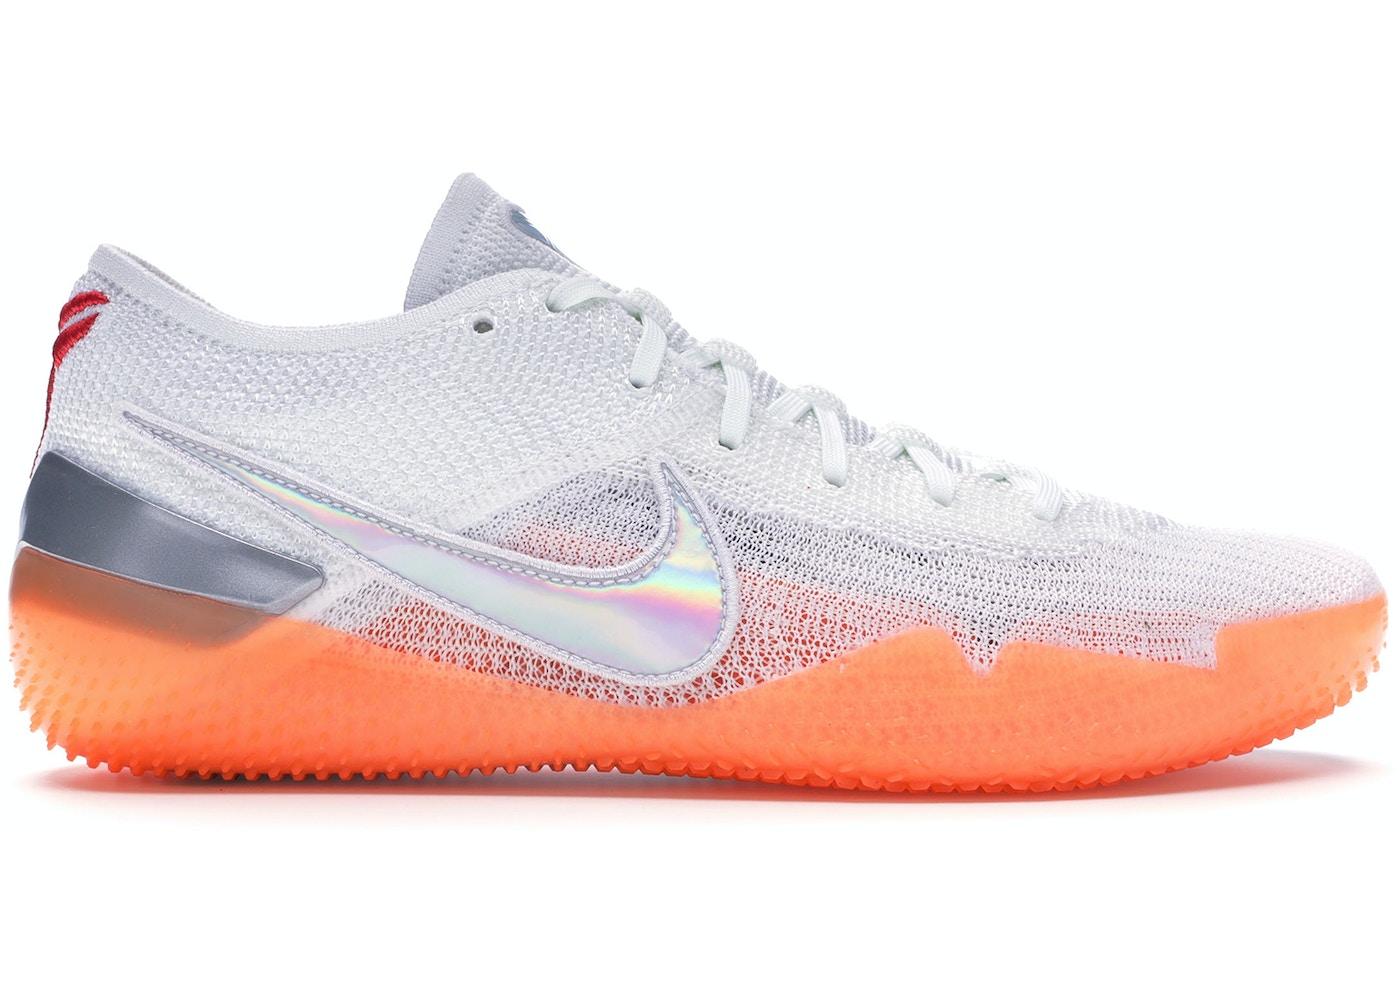 newest 8f95a 33b33 Buy Nike Kobe Shoes   Deadstock Sneakers